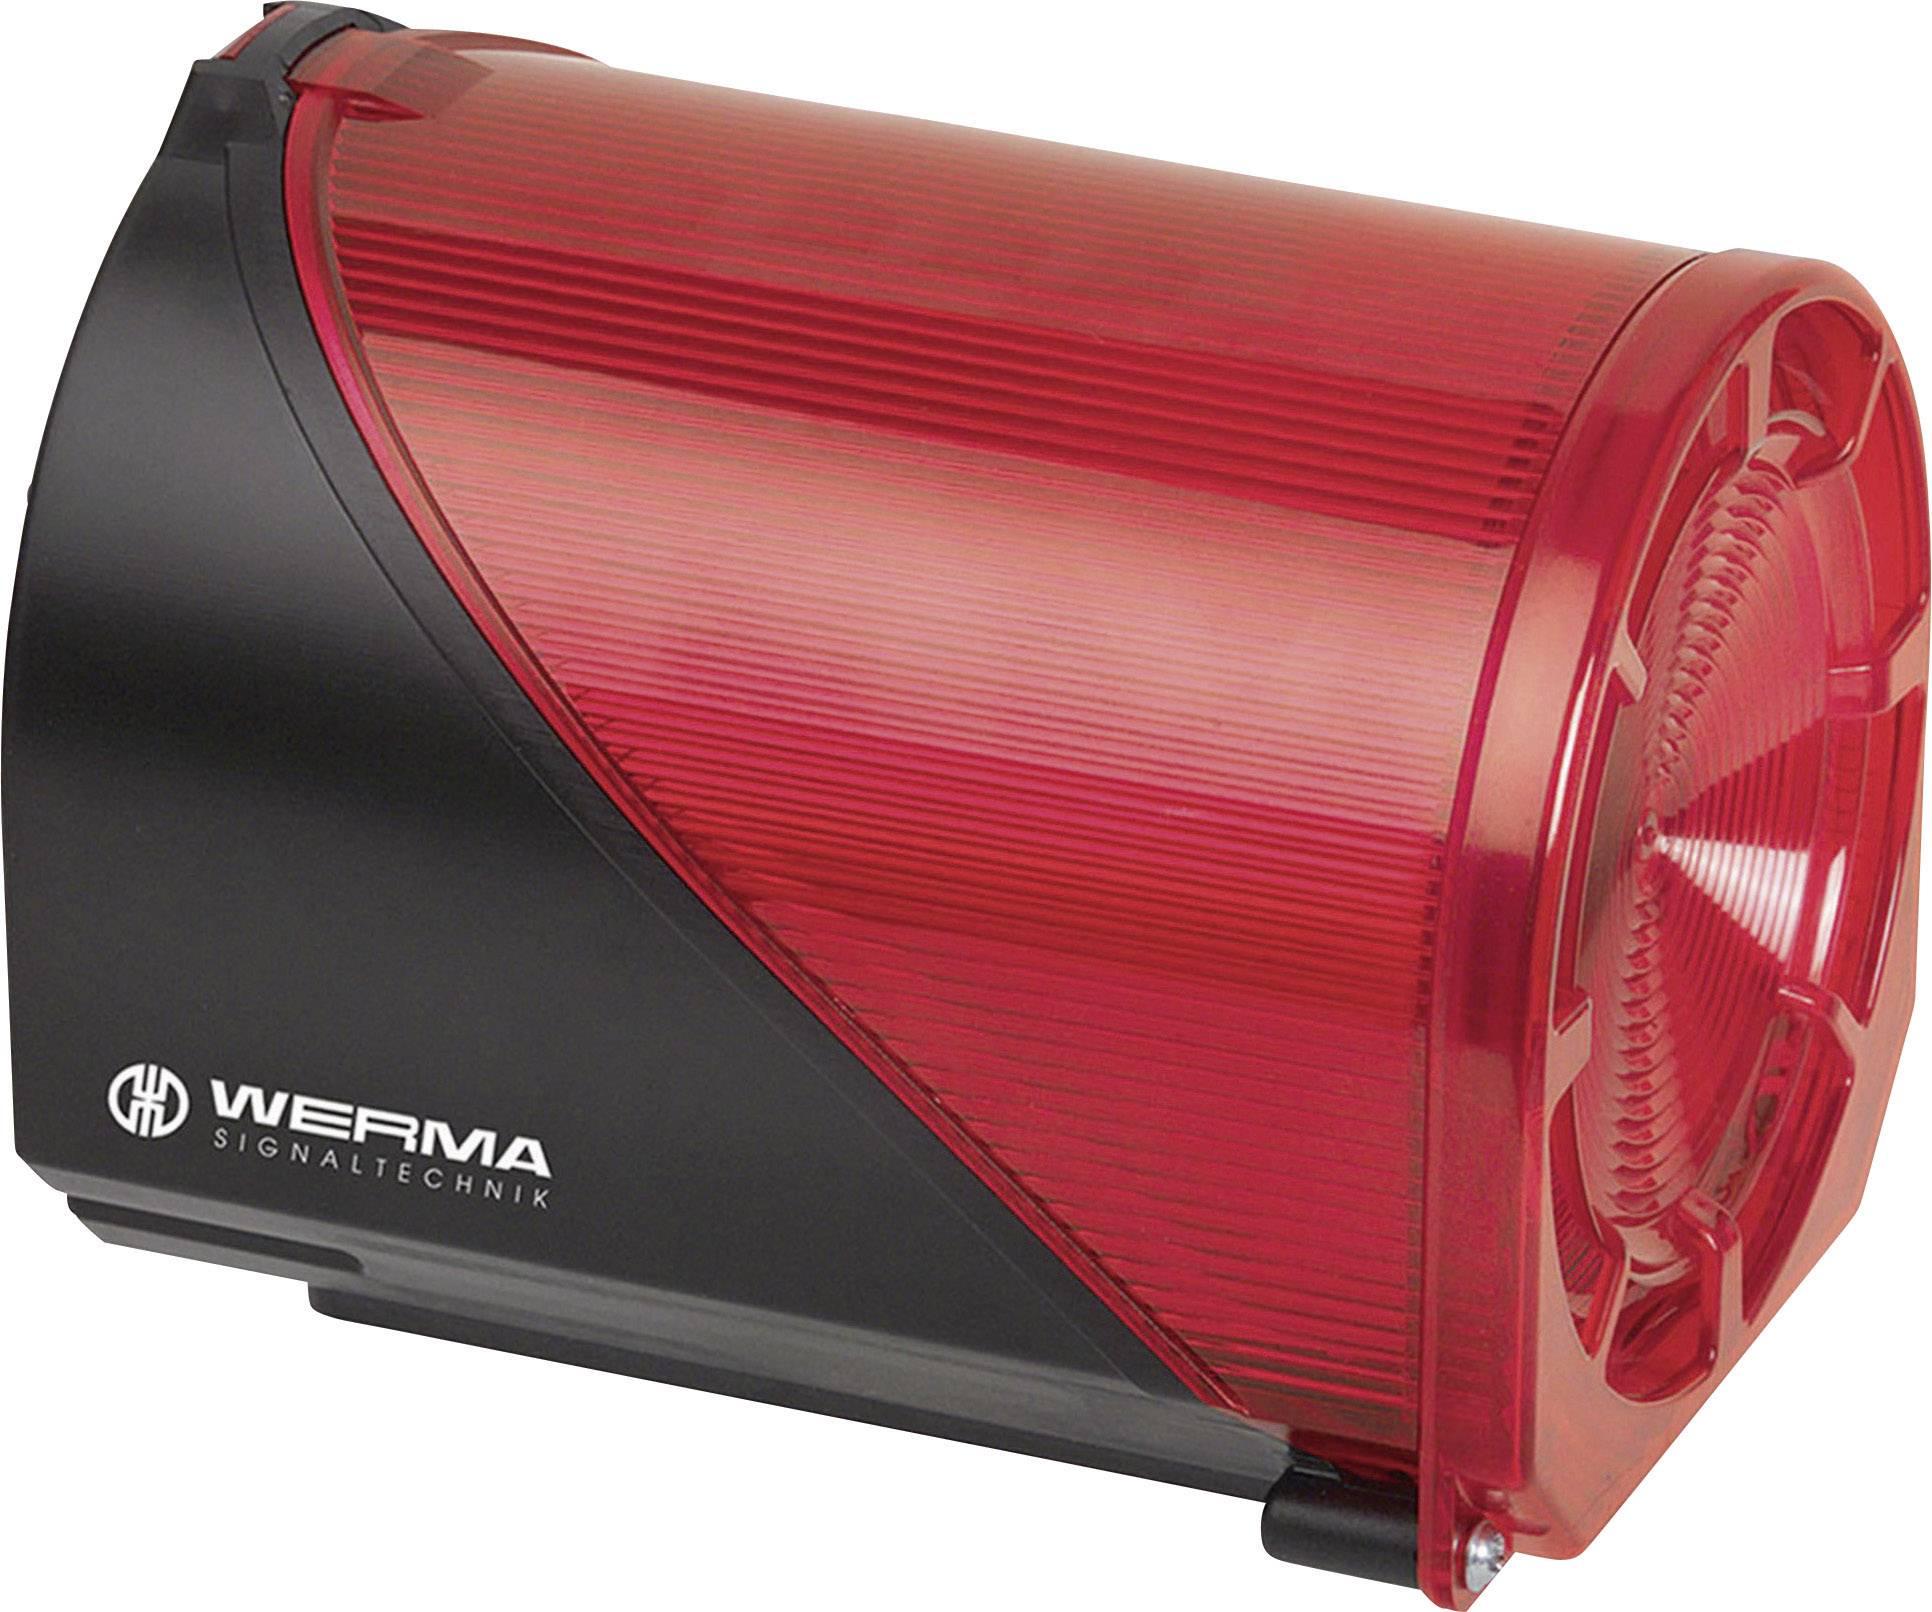 Kombinované signalizačné zariadenie Werma Signaltechnik 444.110.68, 114 dB, 230 V/AC, červená